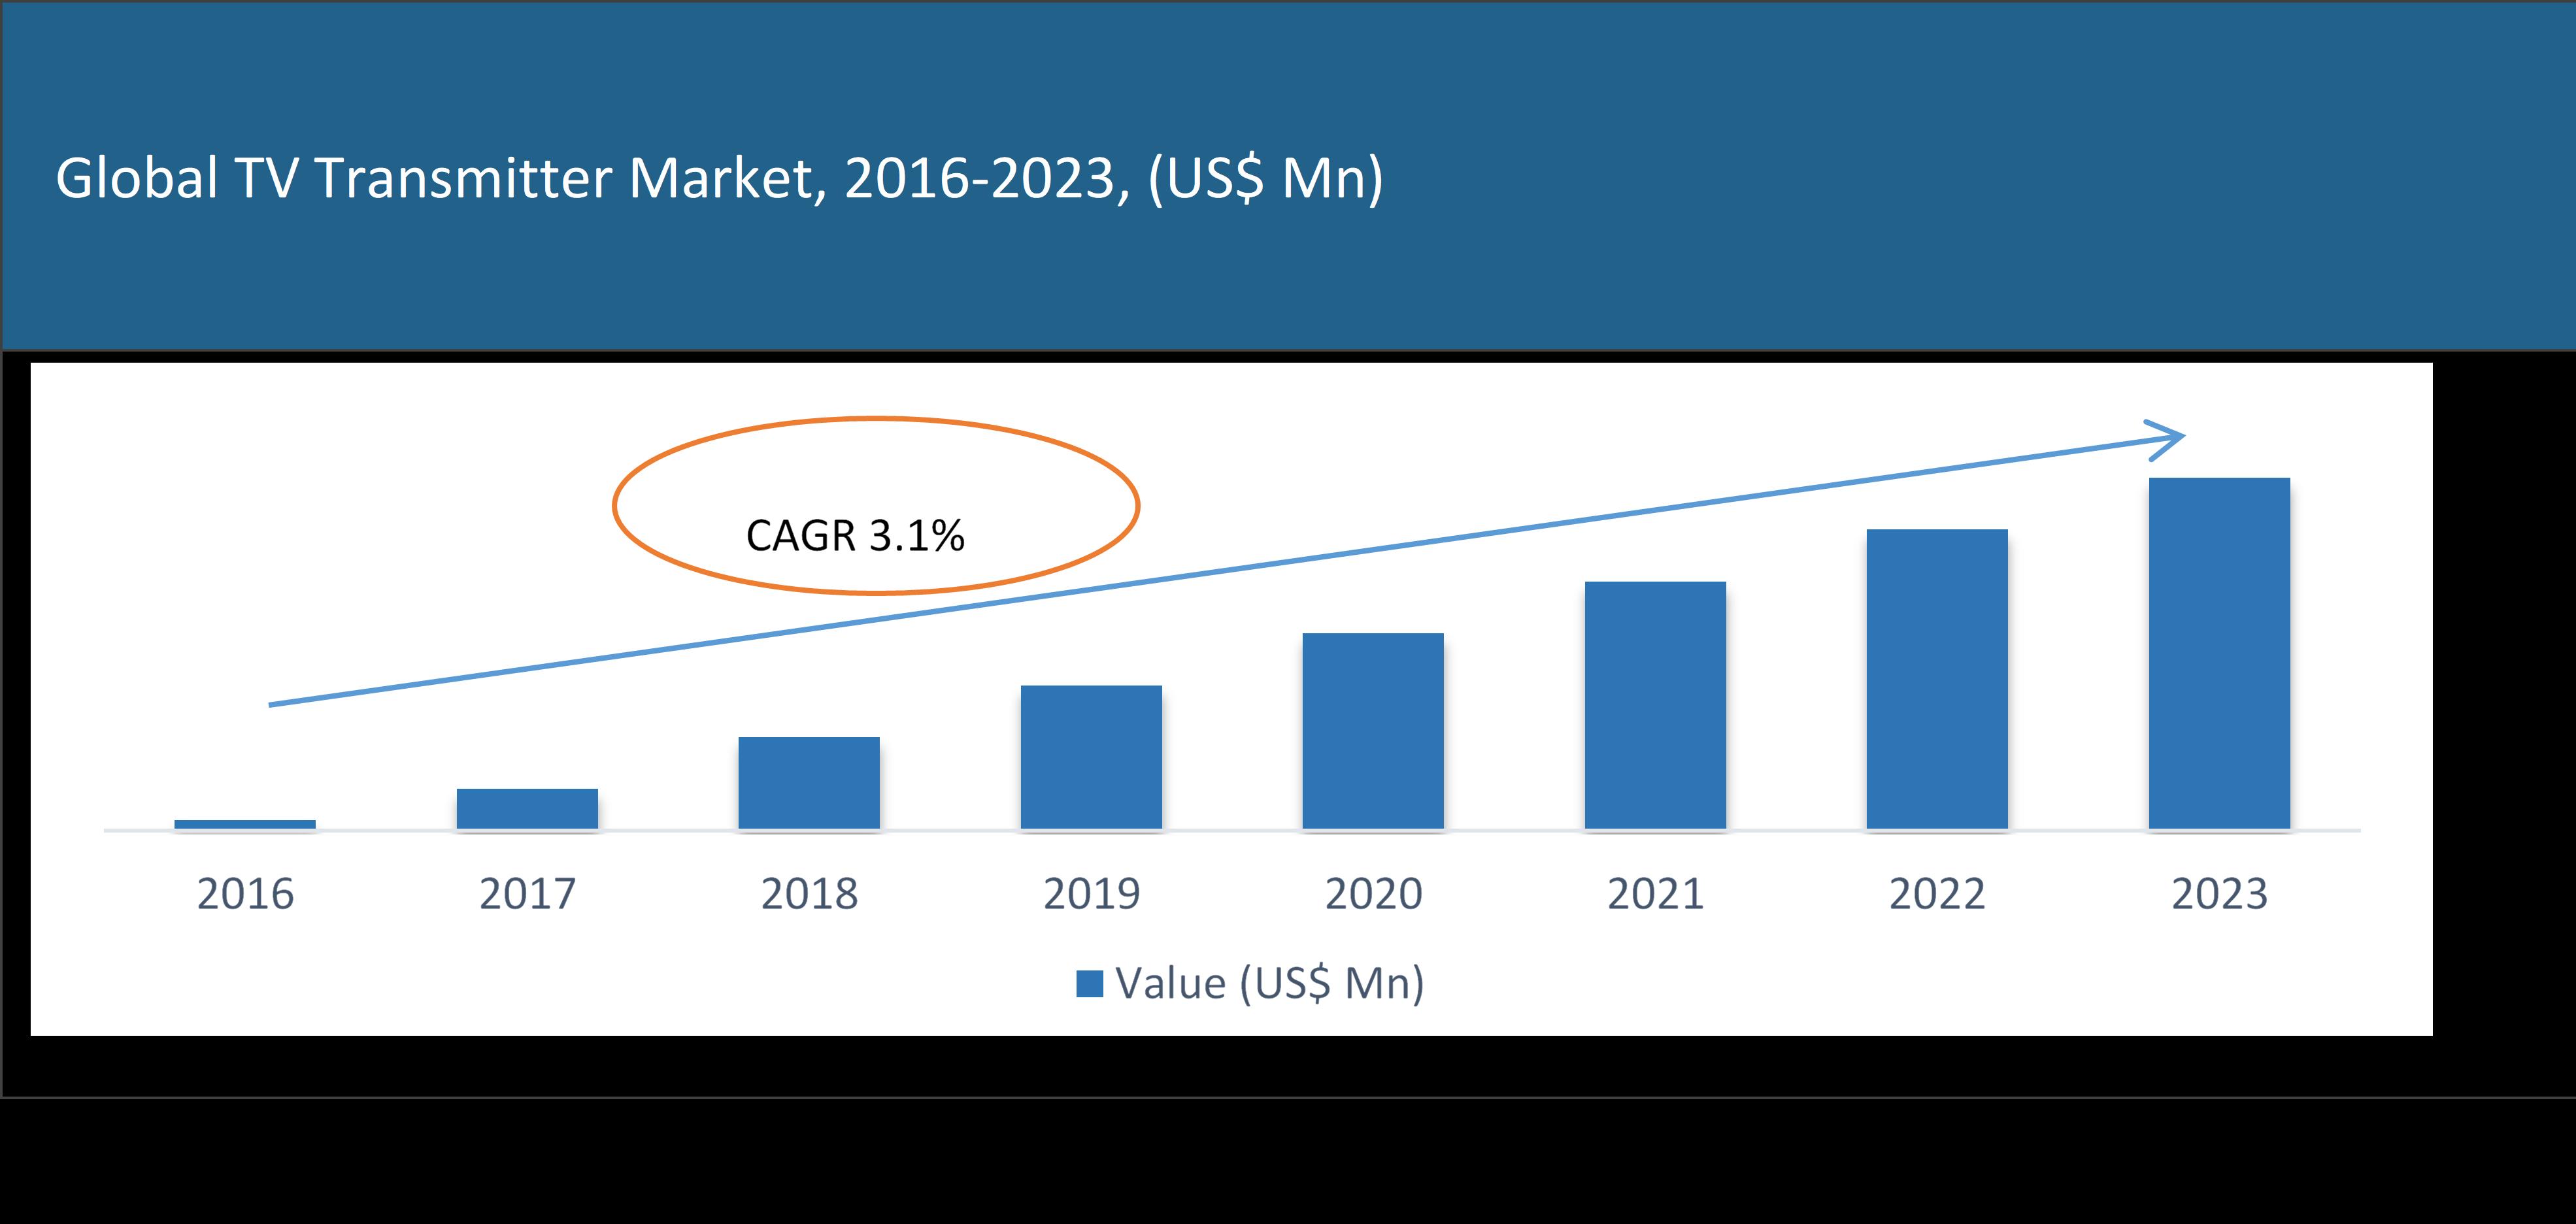 Global TV Transmitter Market